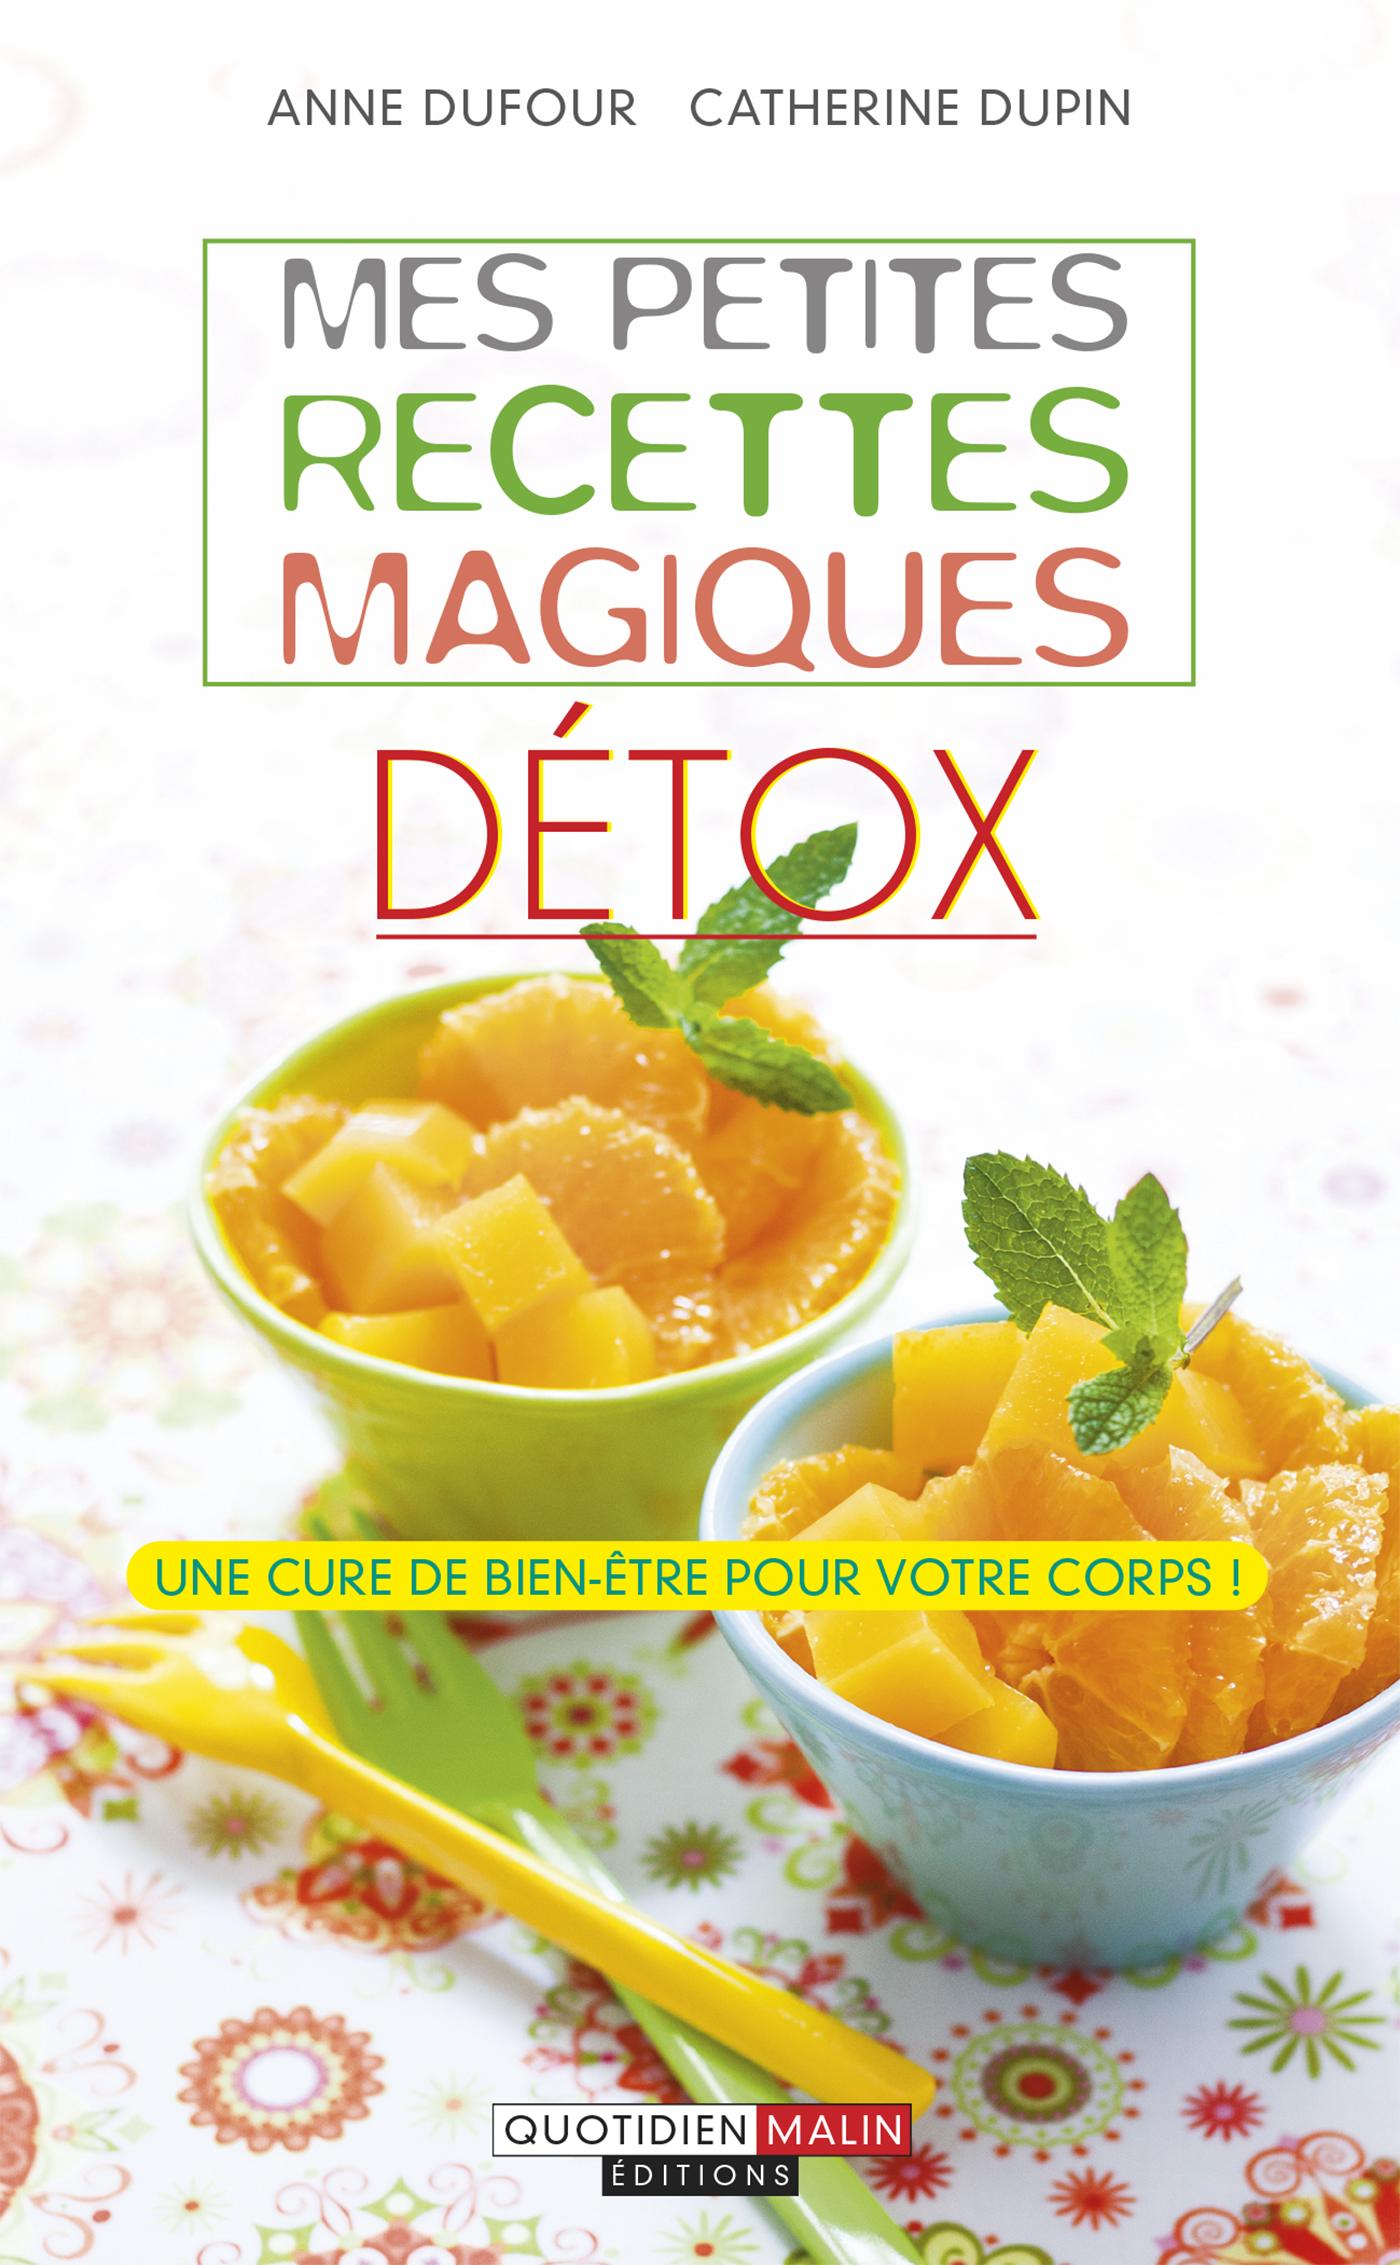 Les livres d anne dufour et de catherine dupin bien dans for Livre cuisine detox